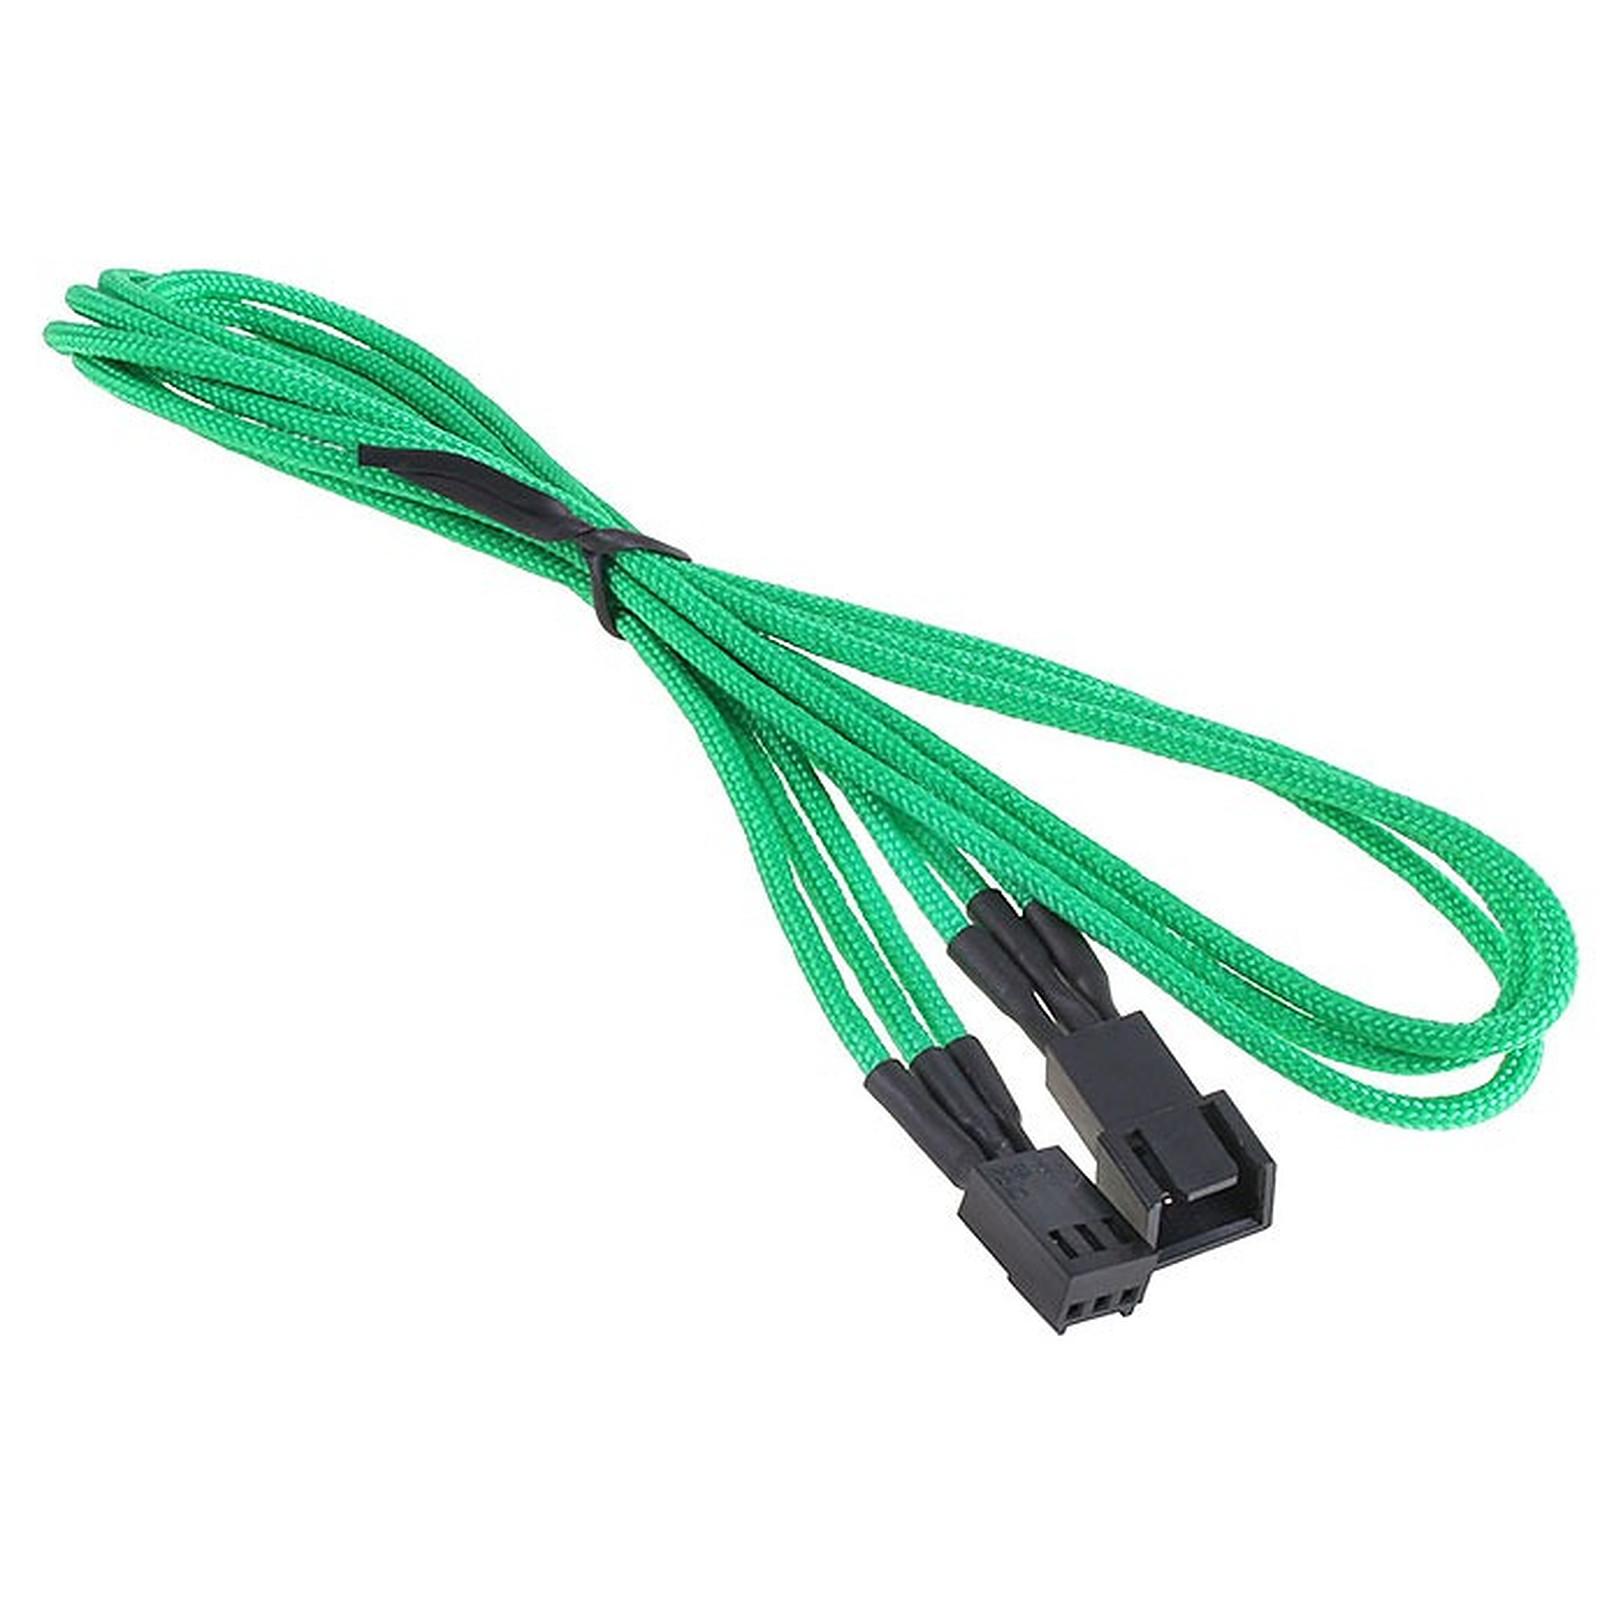 BitFenix Alchemy Green - Extension d'alimentation gainée - 3 pins vers 3 pins - 60 cm